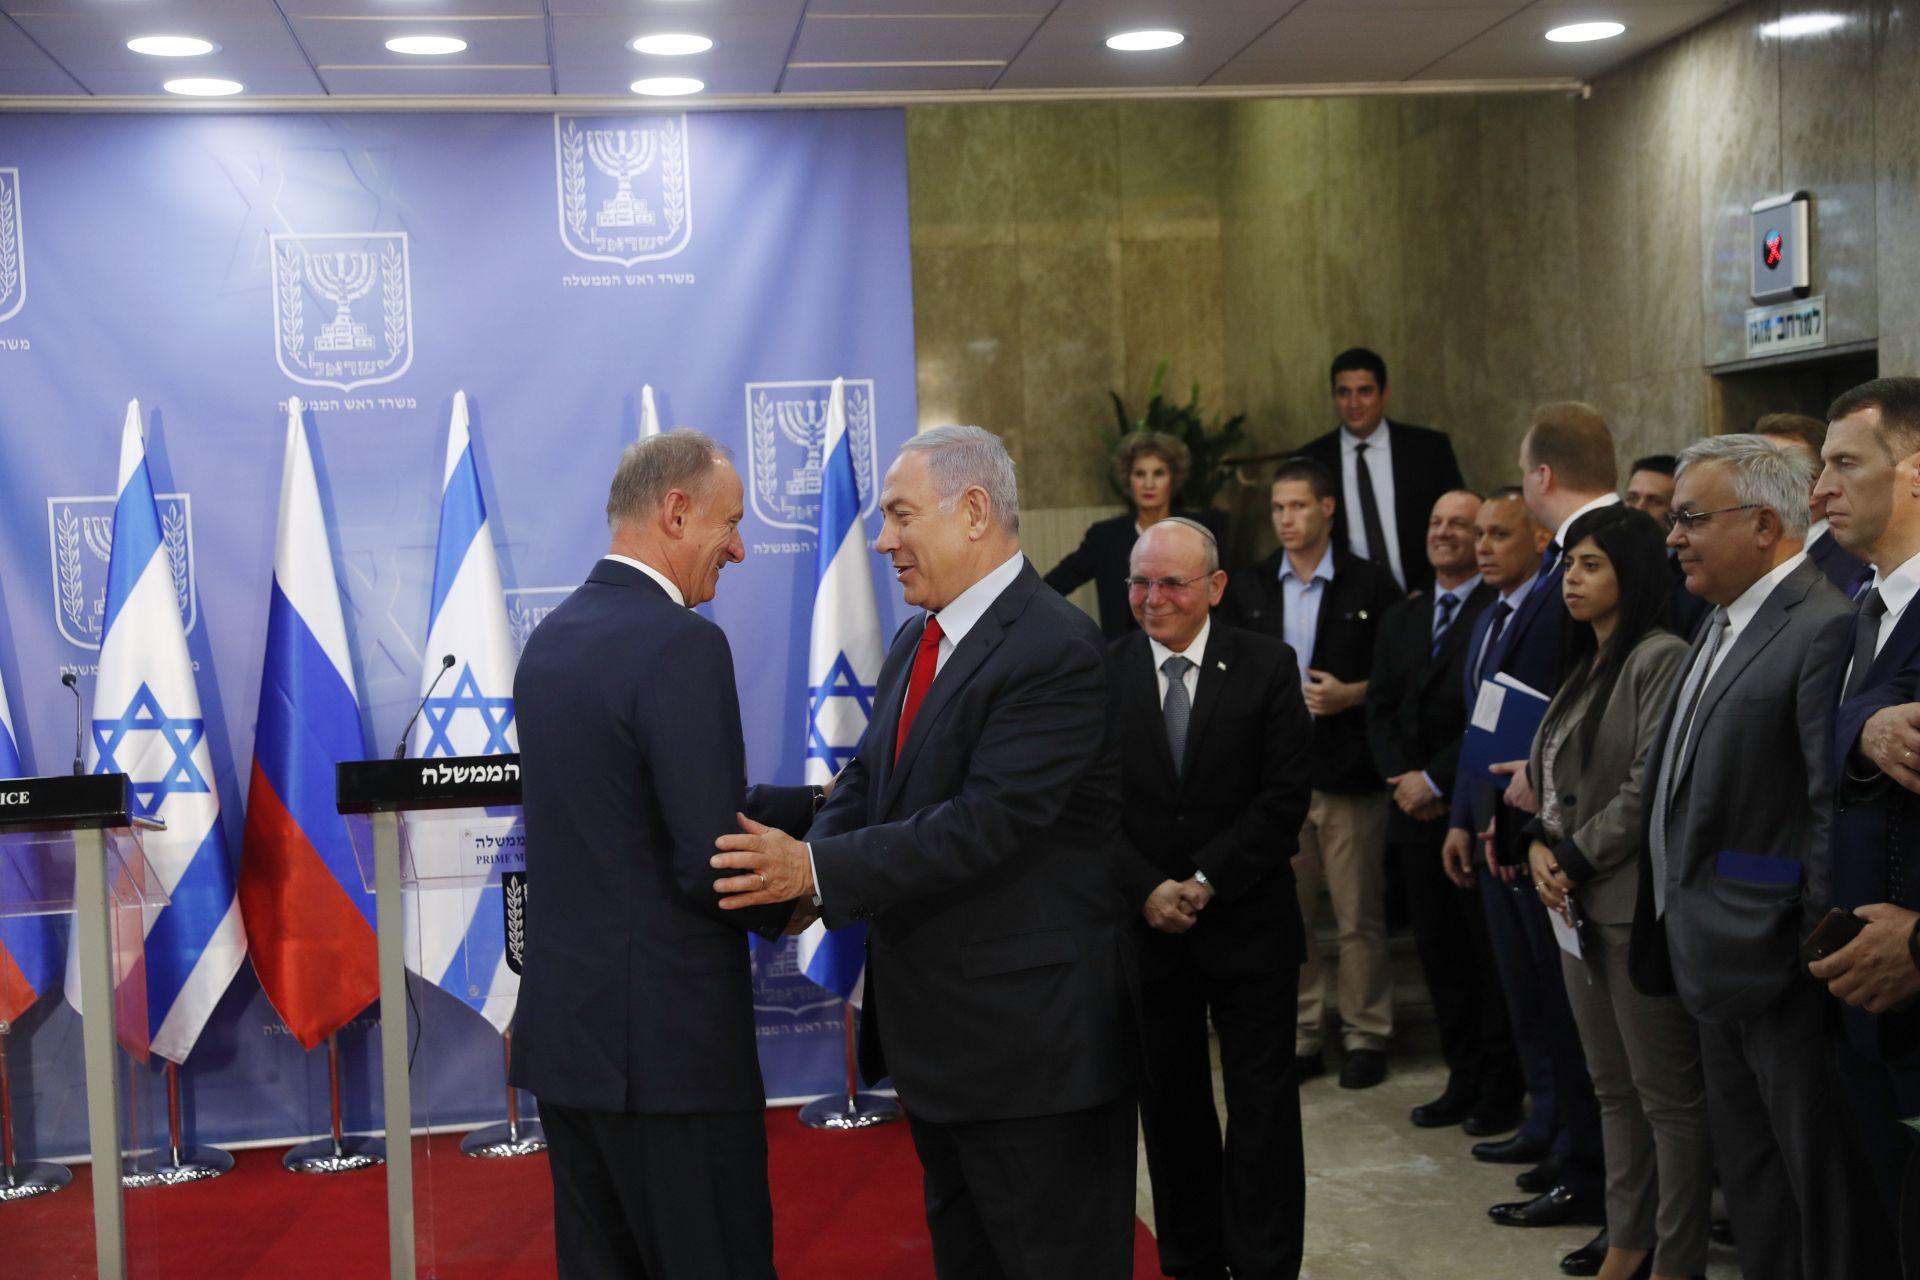 секретарят на руския Съвет за сигурност Николай Патрушев се ръкува с израелския премиер